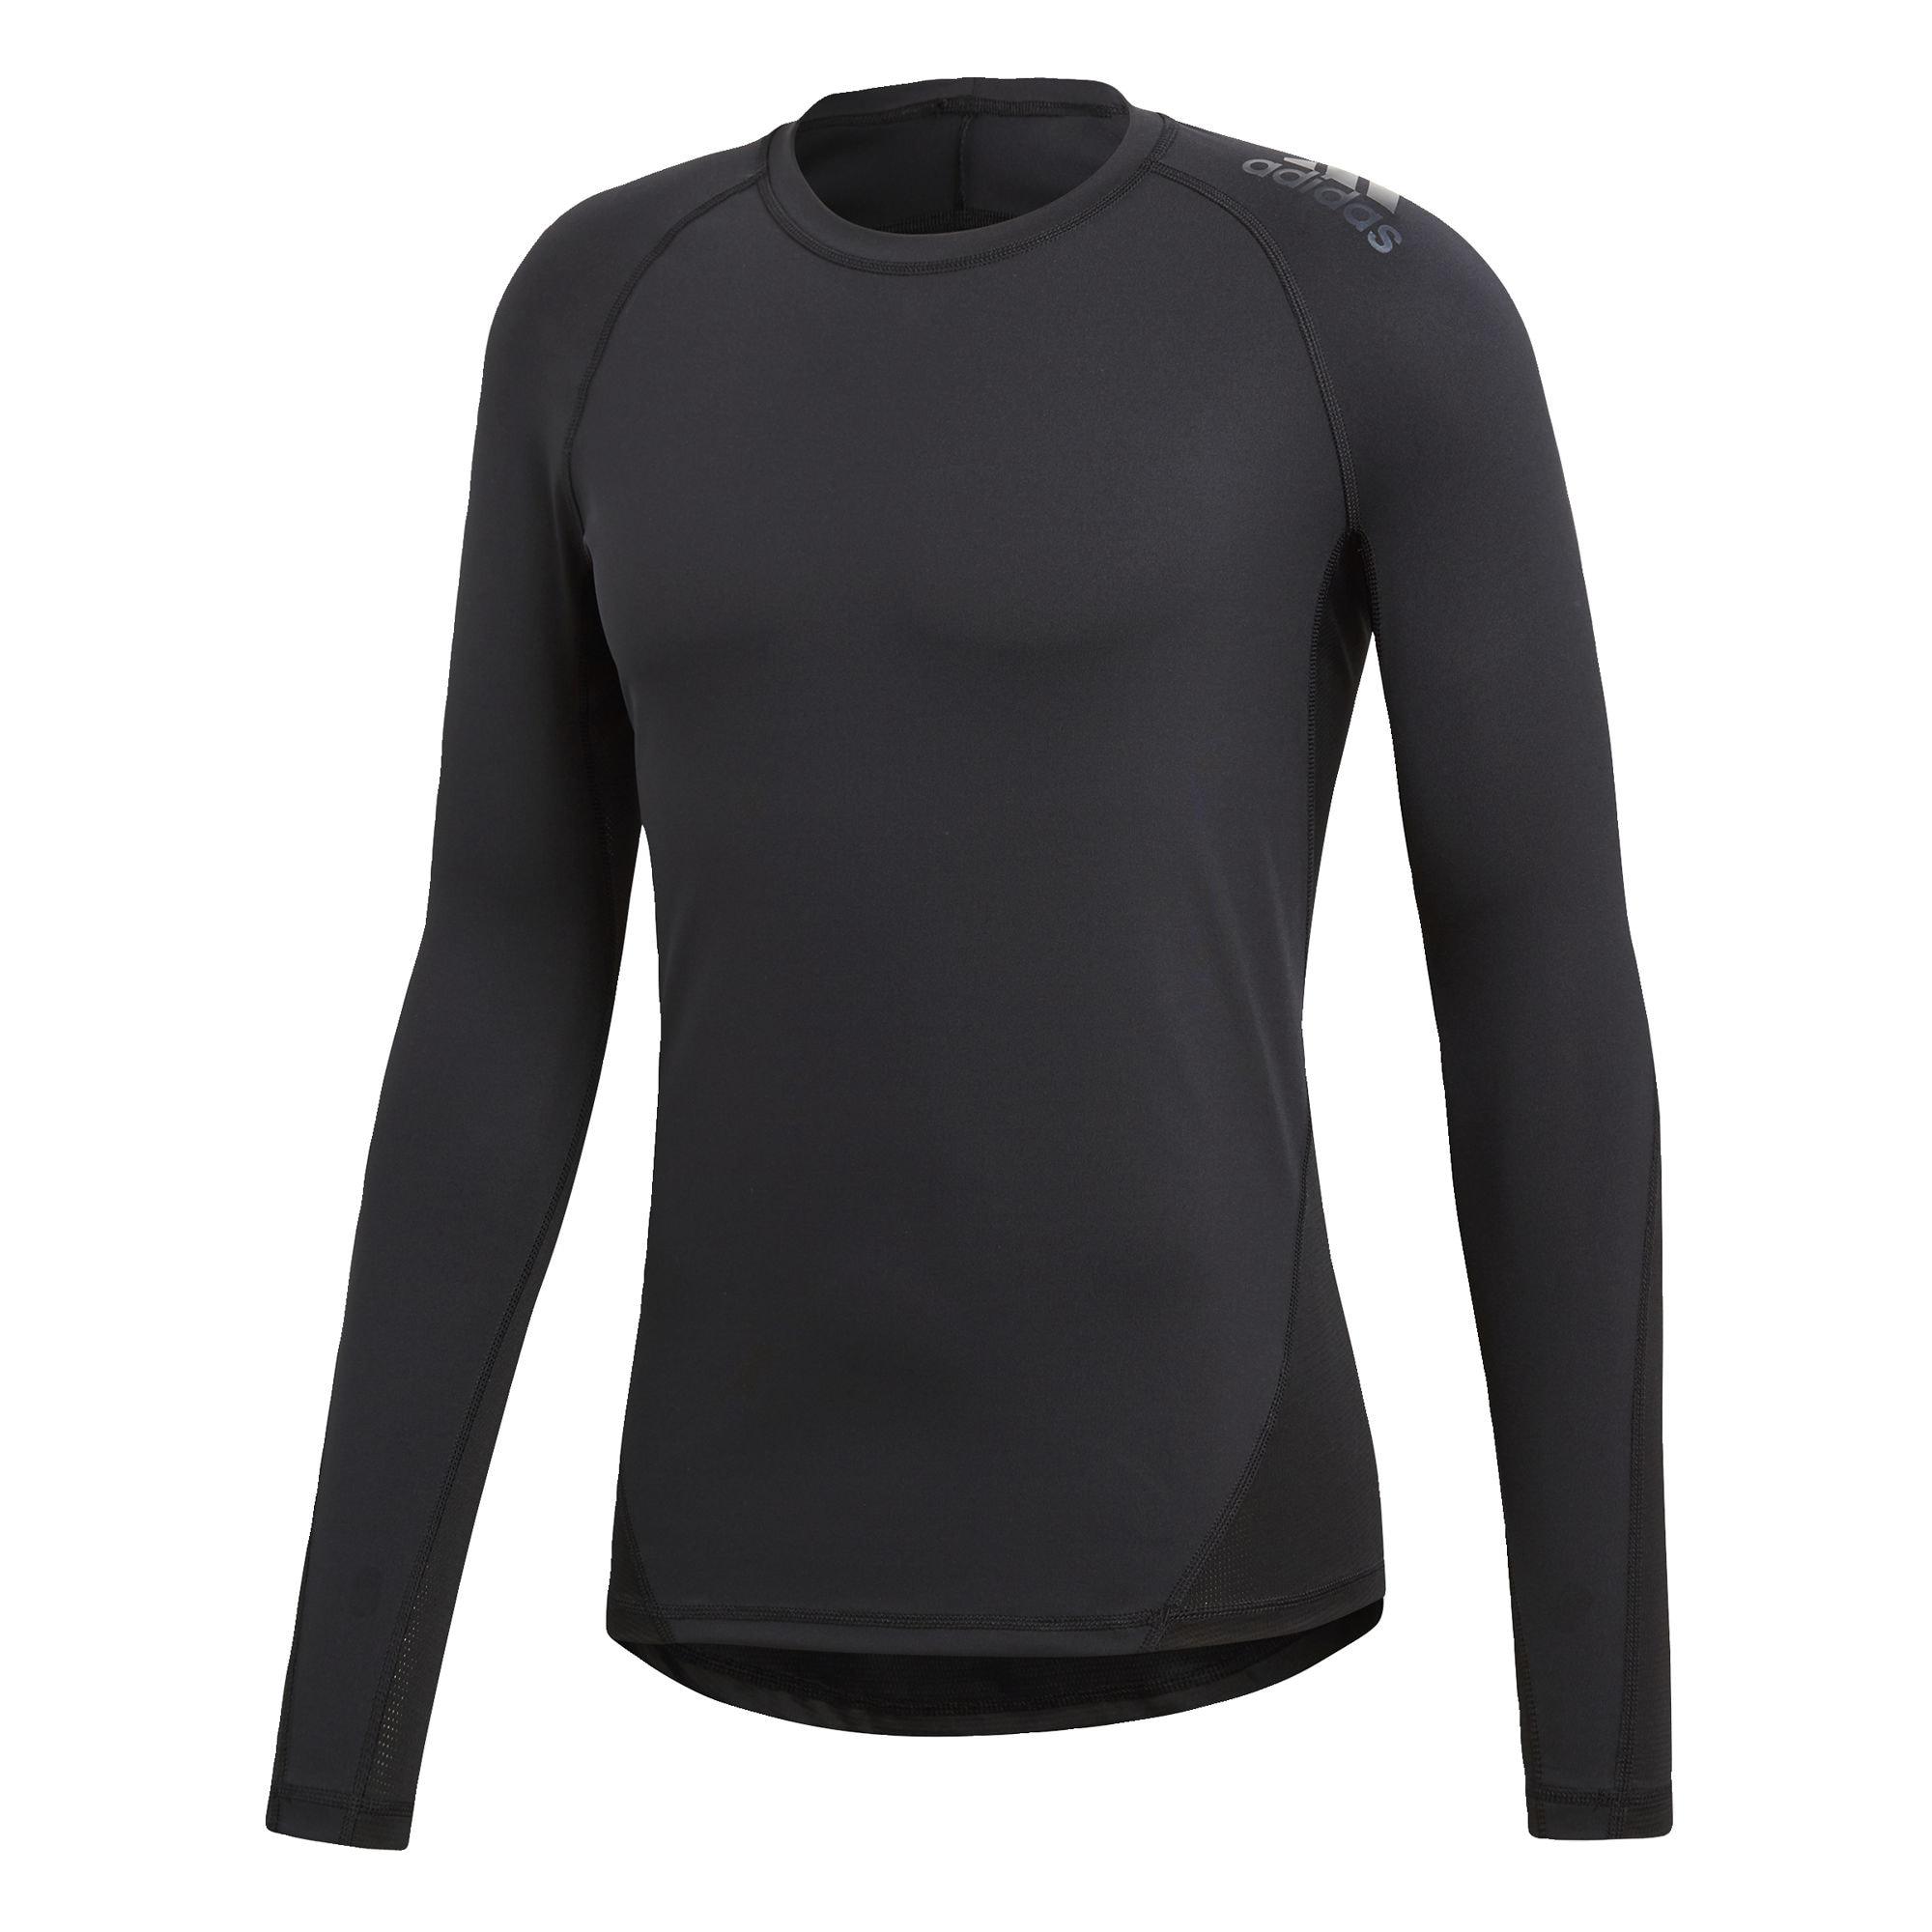 ADIDAS PERFORMANCE Sportiniai apatiniai marškinėliai 'Alphaskin' juoda